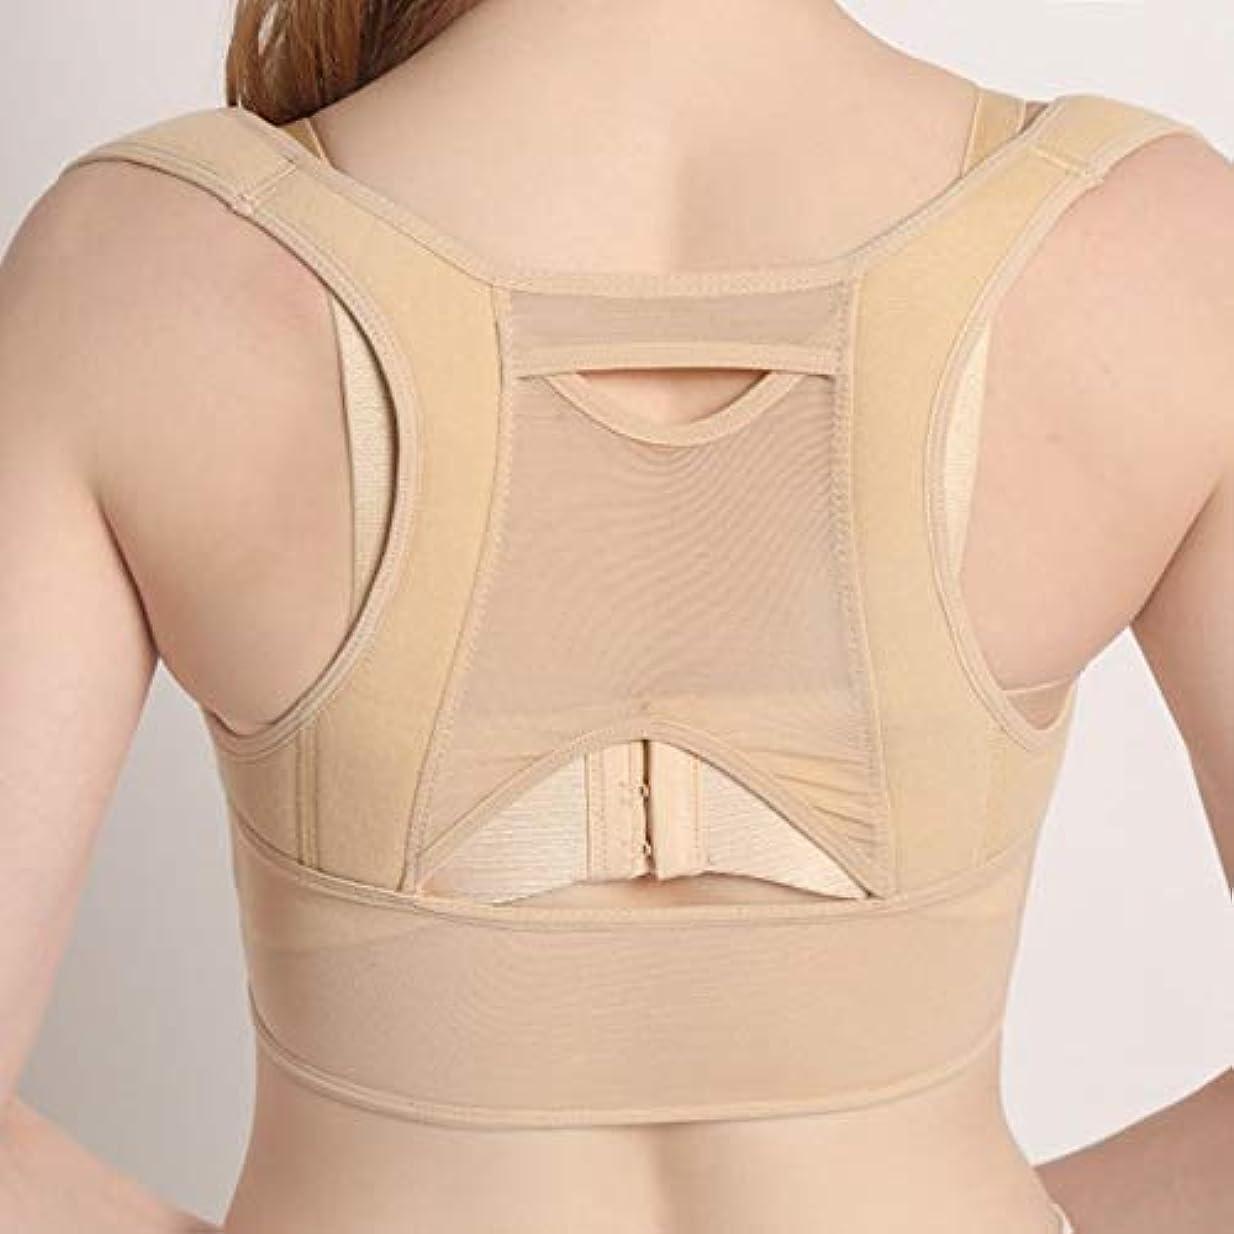 暴力的なアシュリータファーマンパドル通気性のある女性の背中の姿勢矯正コルセット整形外科の肩の背骨の姿勢矯正腰椎サポート - ベージュホワイトM